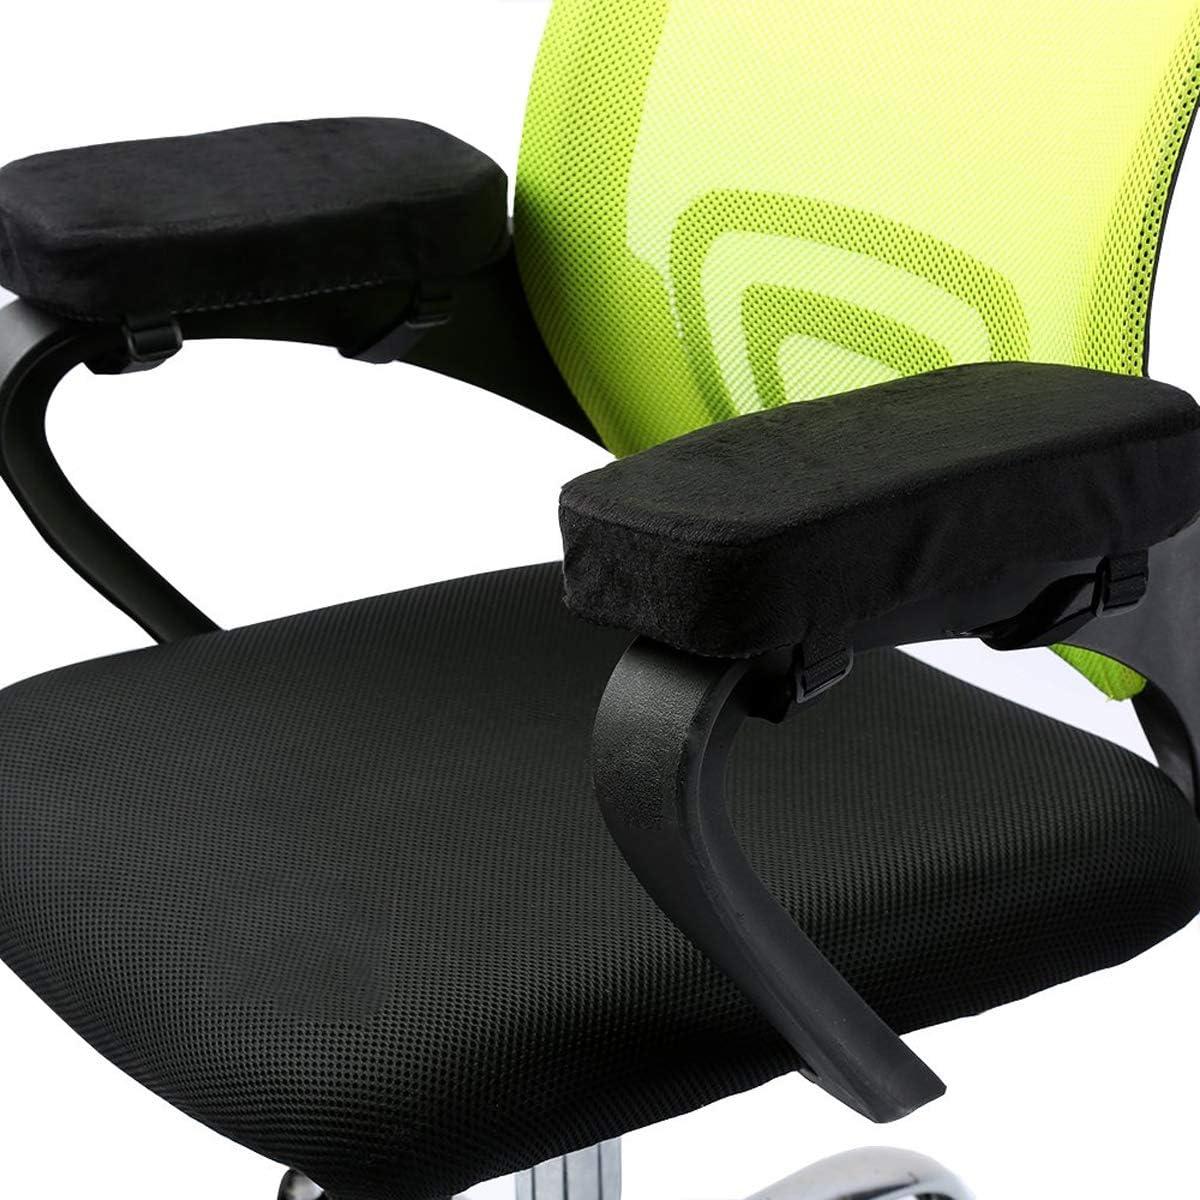 """ANSUG 2 Piezas Cojín del apoyabrazos de la Silla, cojín de Espuma extraíble Fundas de Brazos extraíbles para sillas de Oficina y sillas de Ruedas - Size 9.8 * 3 * 1.4"""""""